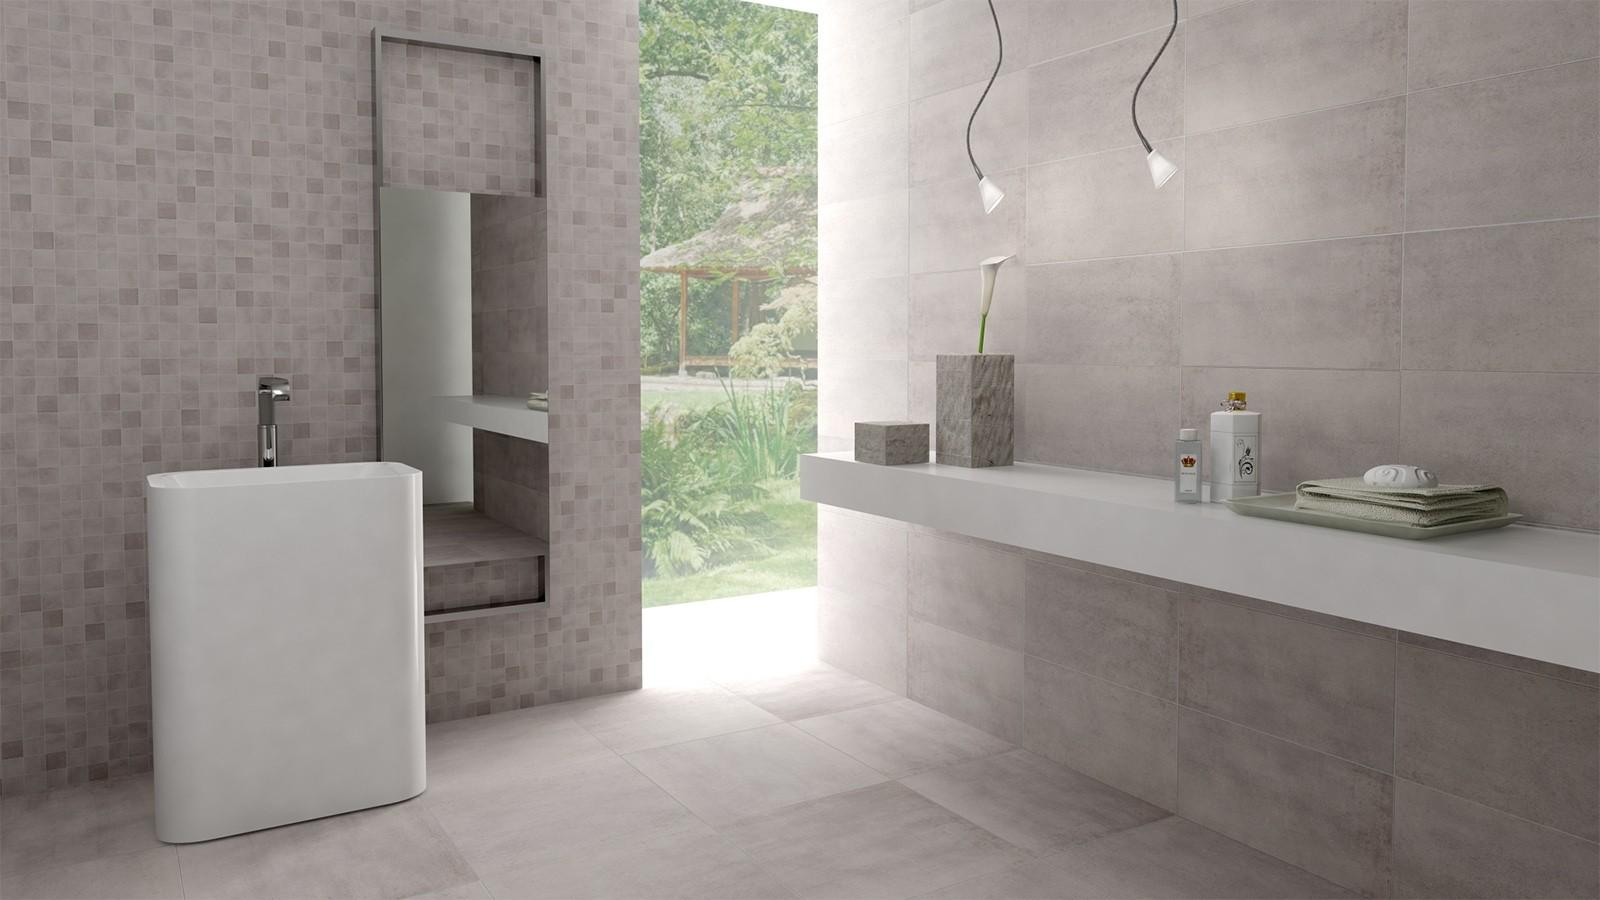 Sphinx Tegels Prijzen : Sphinx basilique grey 30 x 60 online kopen luxury floors